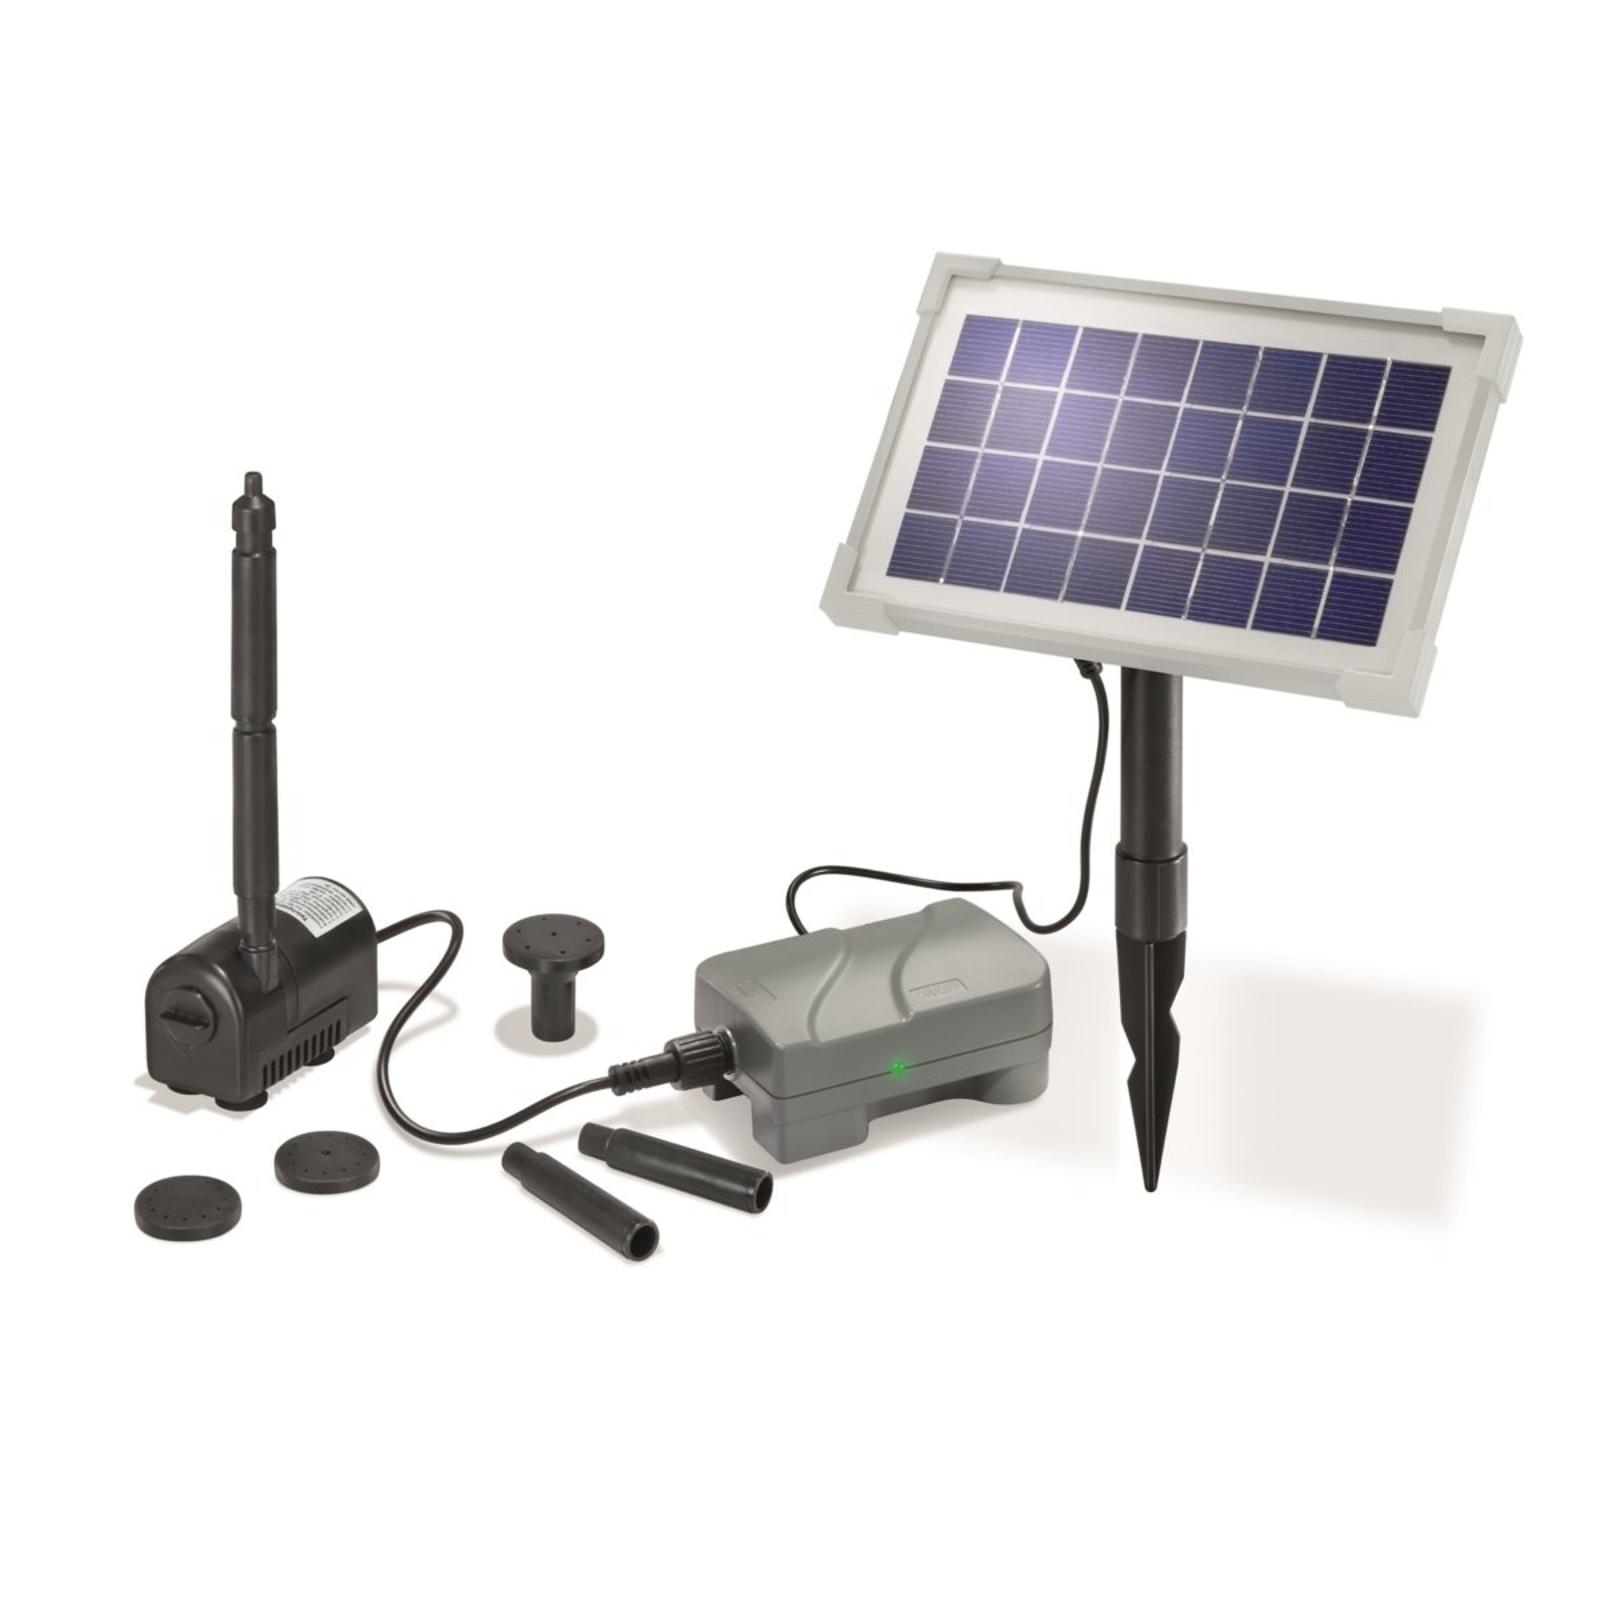 Solar pompinstallatie RIMINI PLUS, met accu